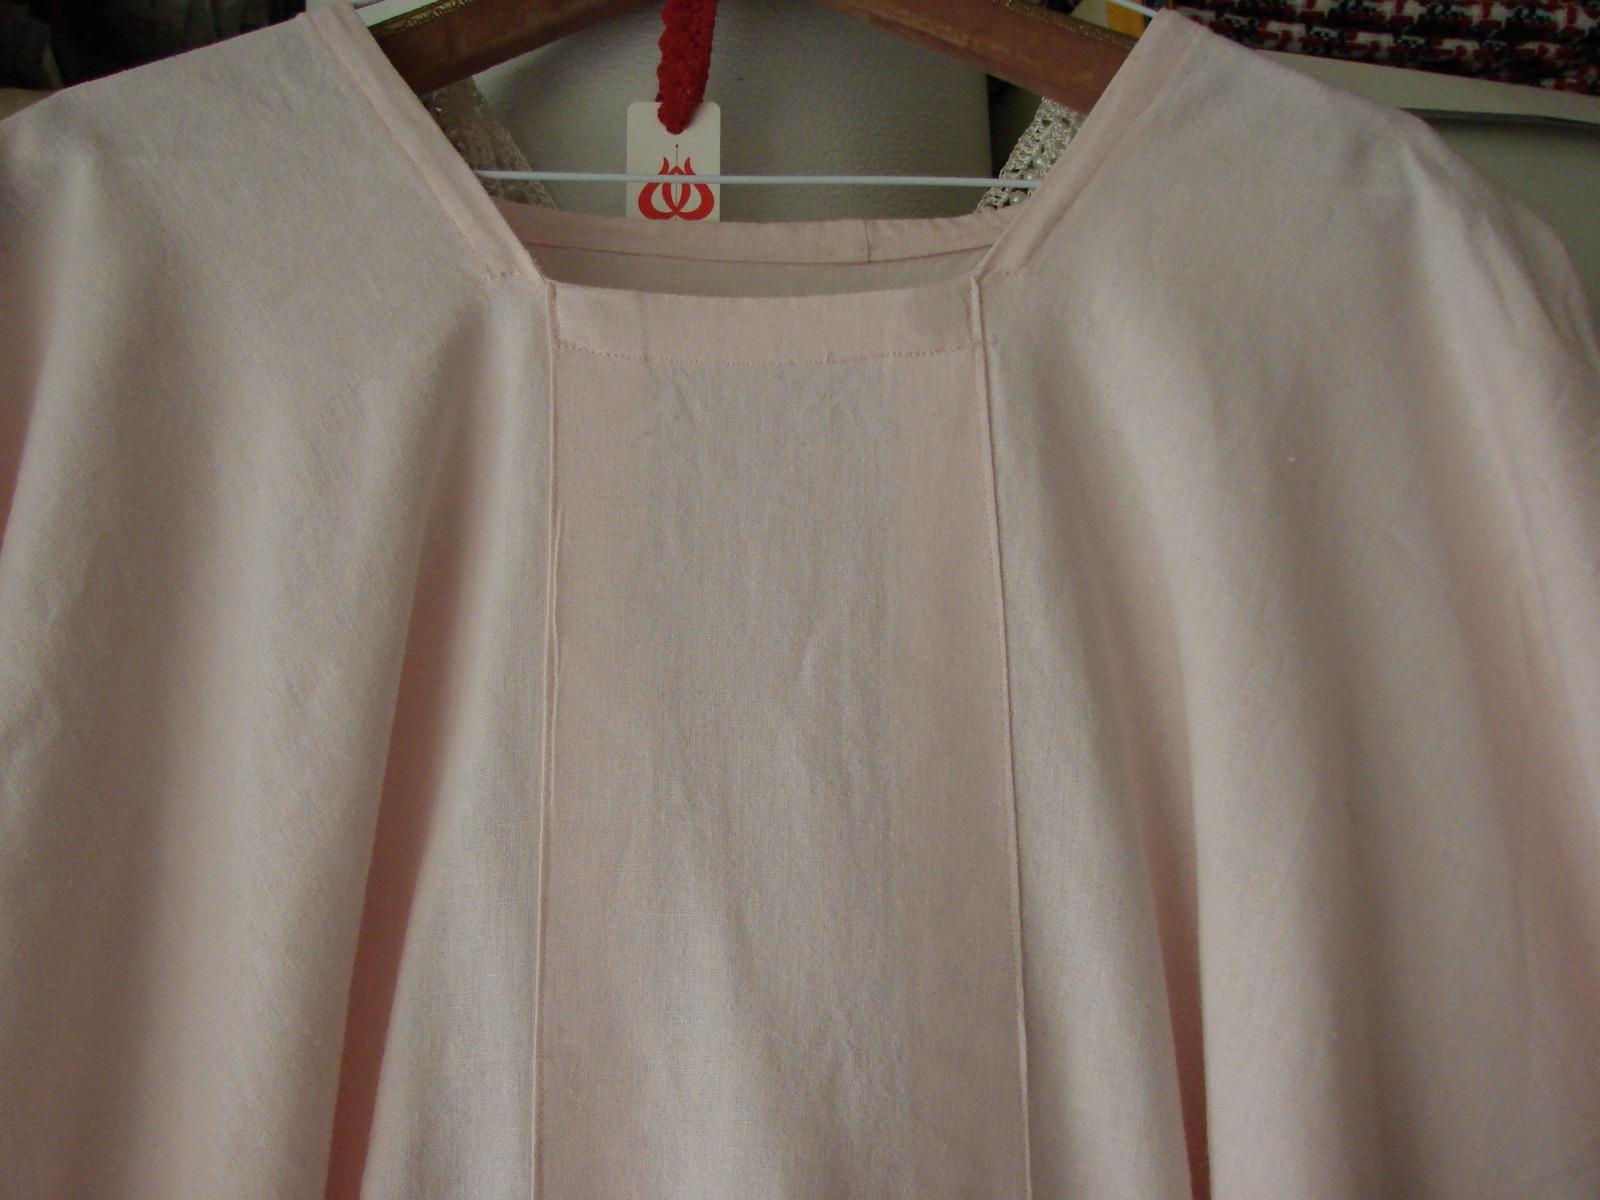 Leinen Kleid Kandy schlichtes Sommerkleid 10